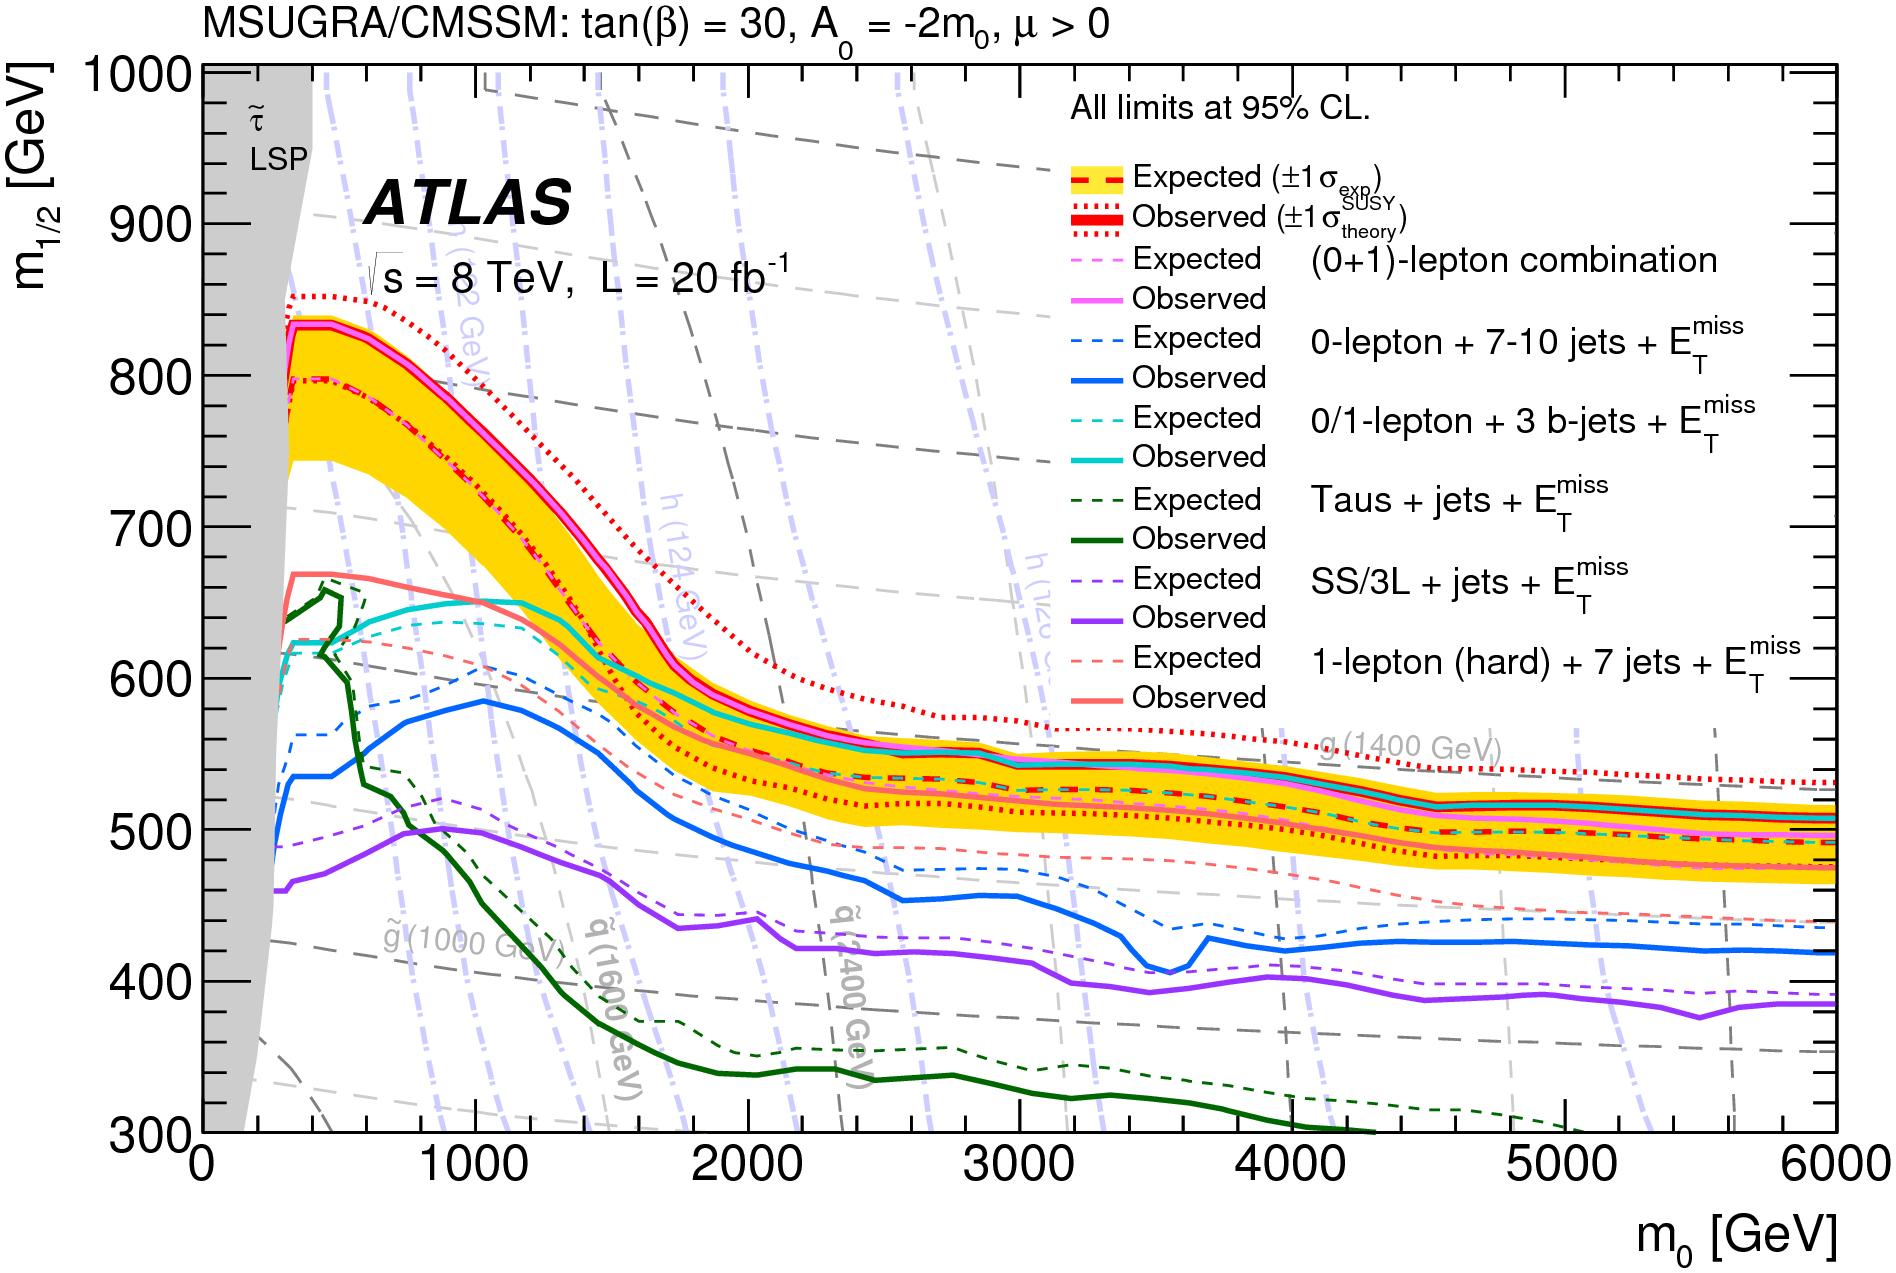 https://atlas.web.cern.ch/Atlas/GROUPS/PHYSICS/CombinedSummaryPlots/SUSY/ATLAS_SUSY_MSUGRA/ATLAS_SUSY_MSUGRA.png